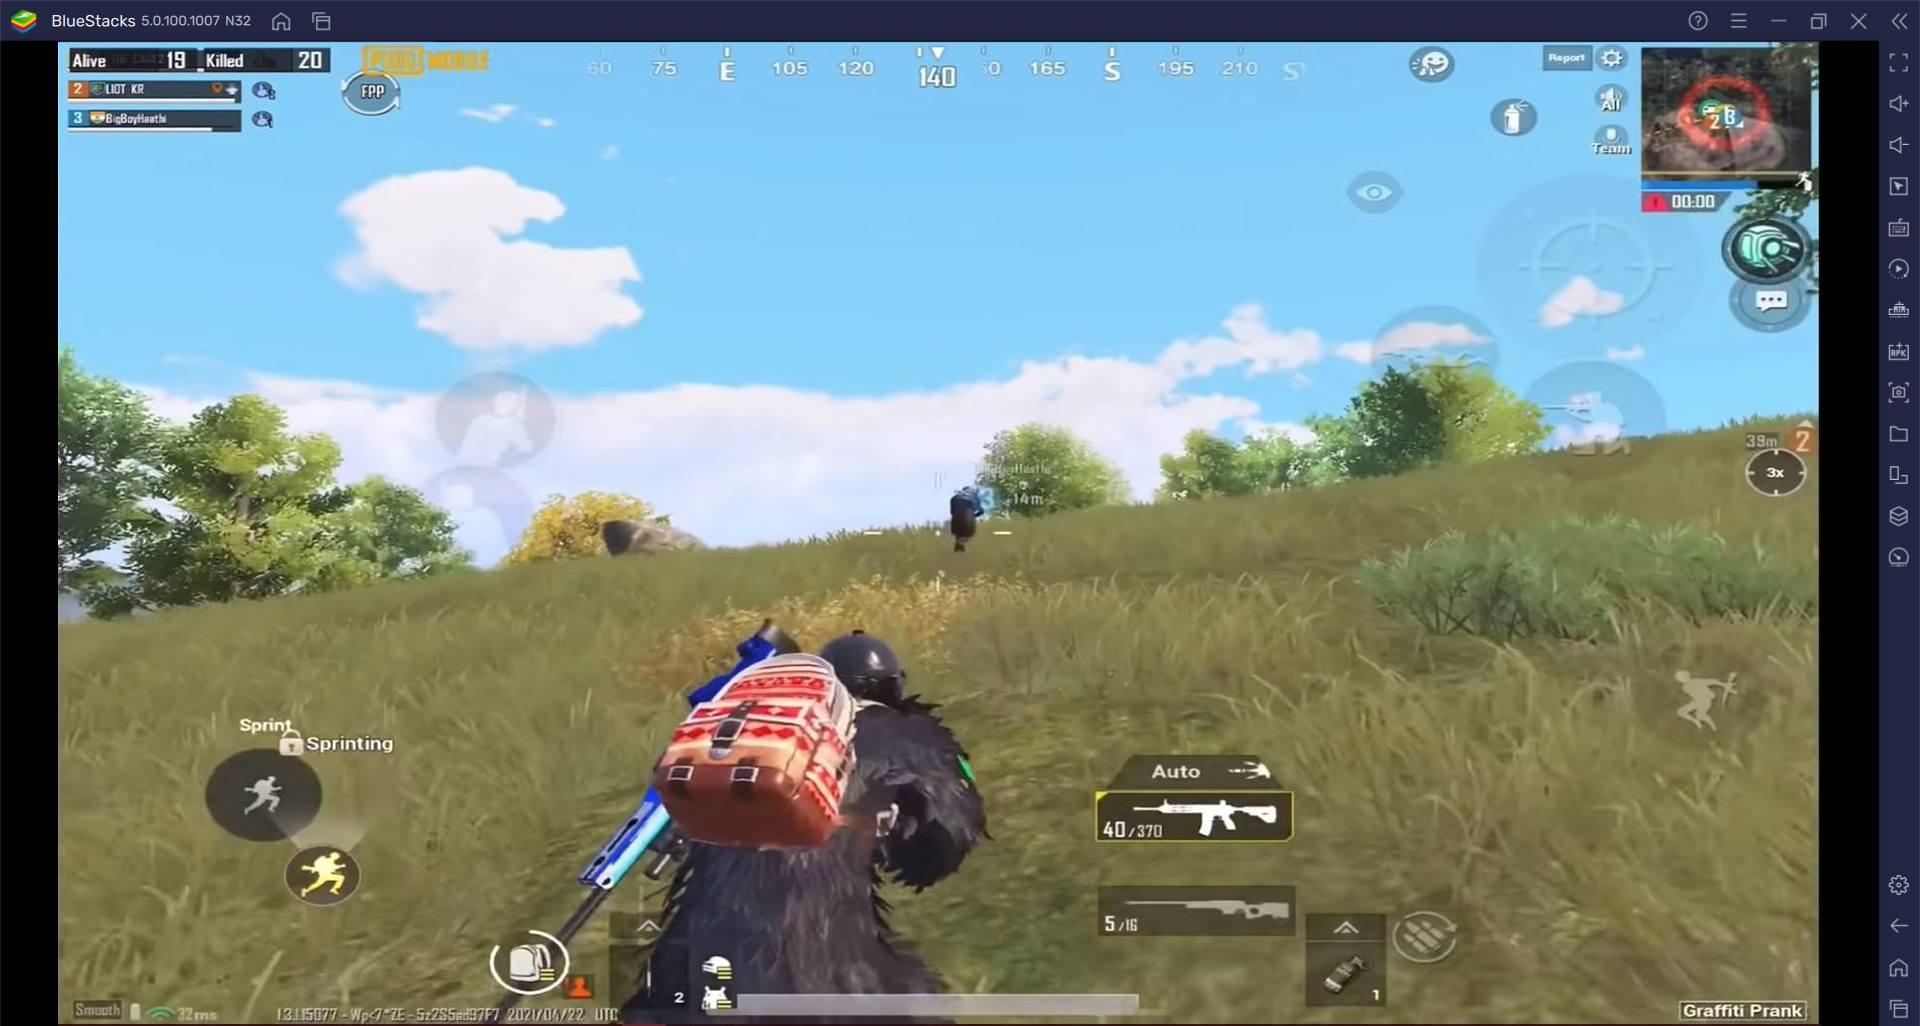 منظور الشخص الثالث ضد منظور الشخص الأول: دليل BlueStacks للمنظور في لعبة PUBG Mobile